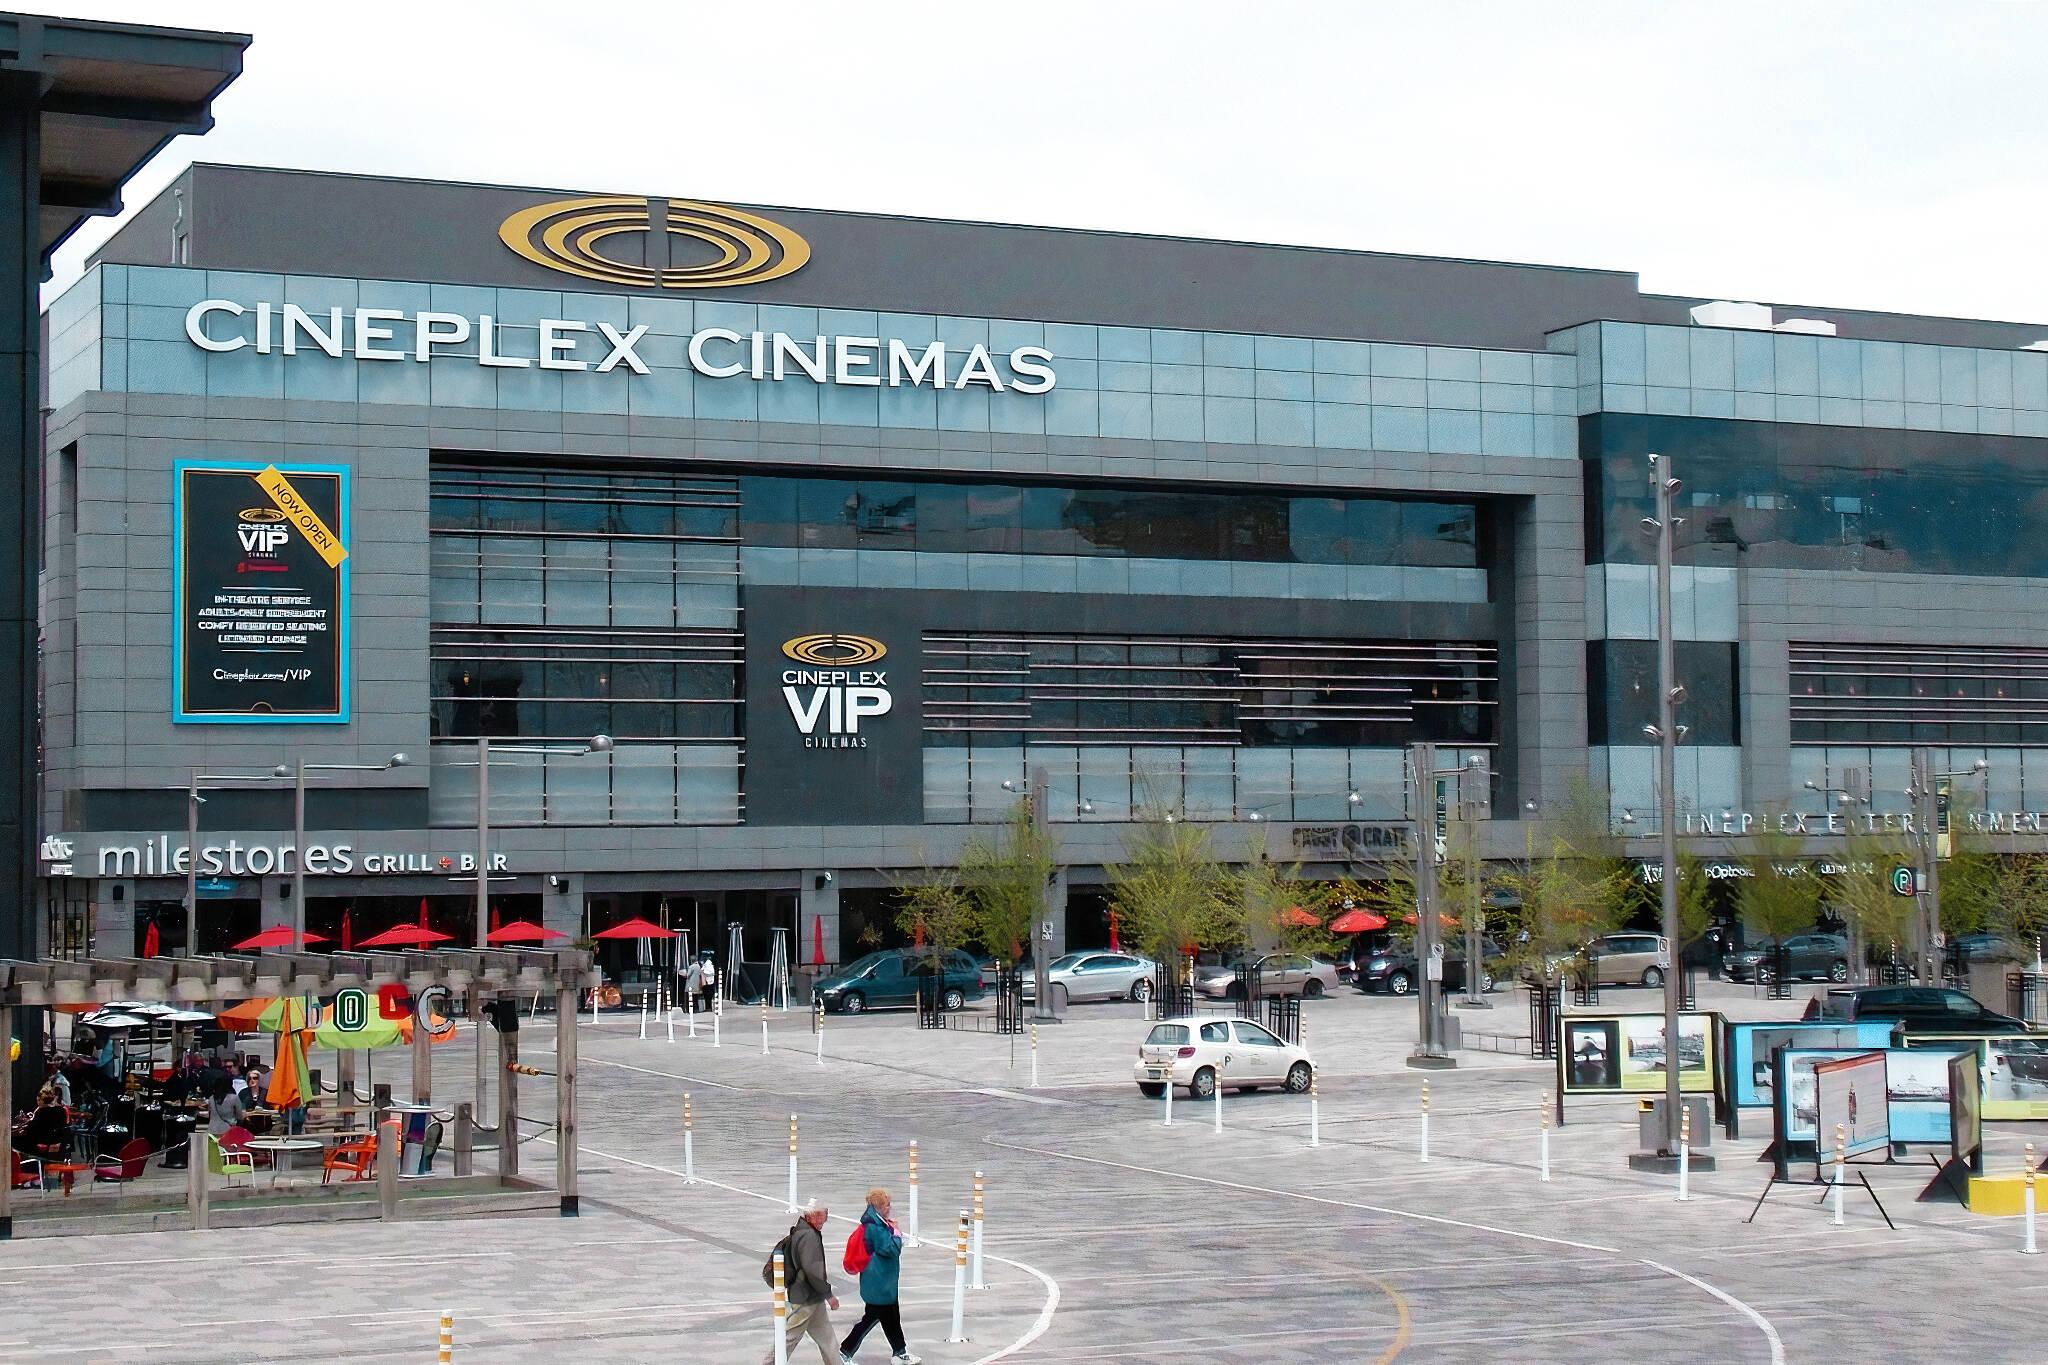 cineplex movies